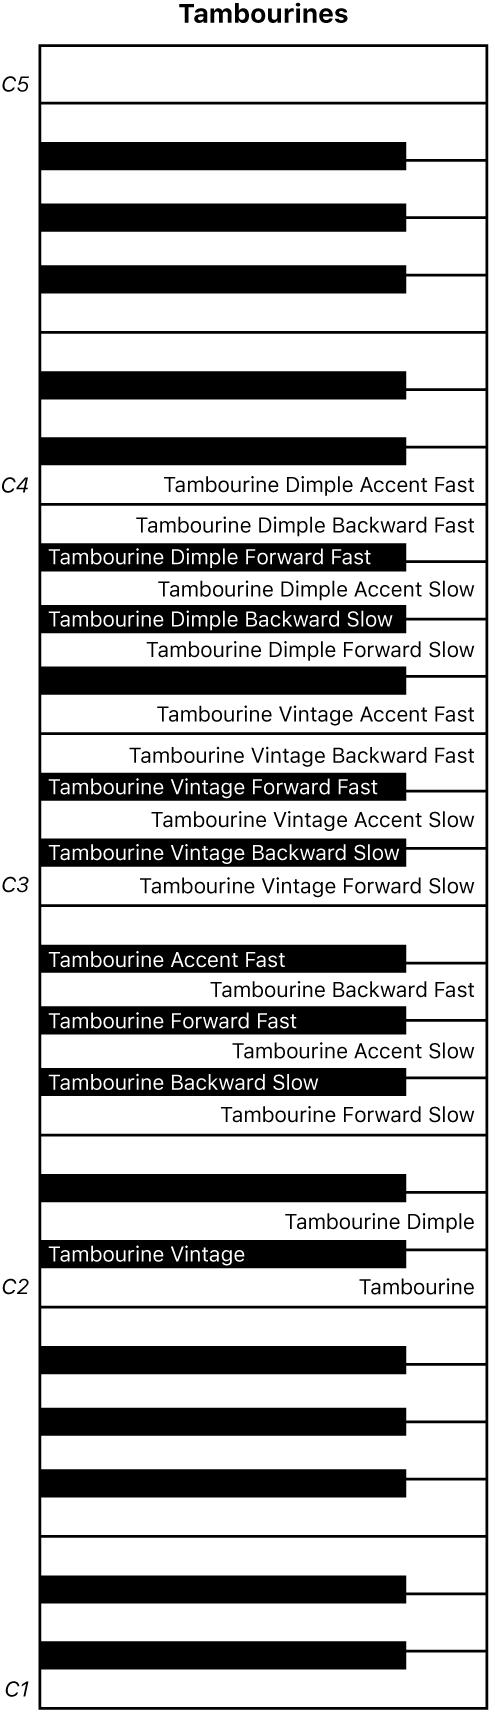 Abbildung. Keyboard-Zuweisung für Tambourines-Performance